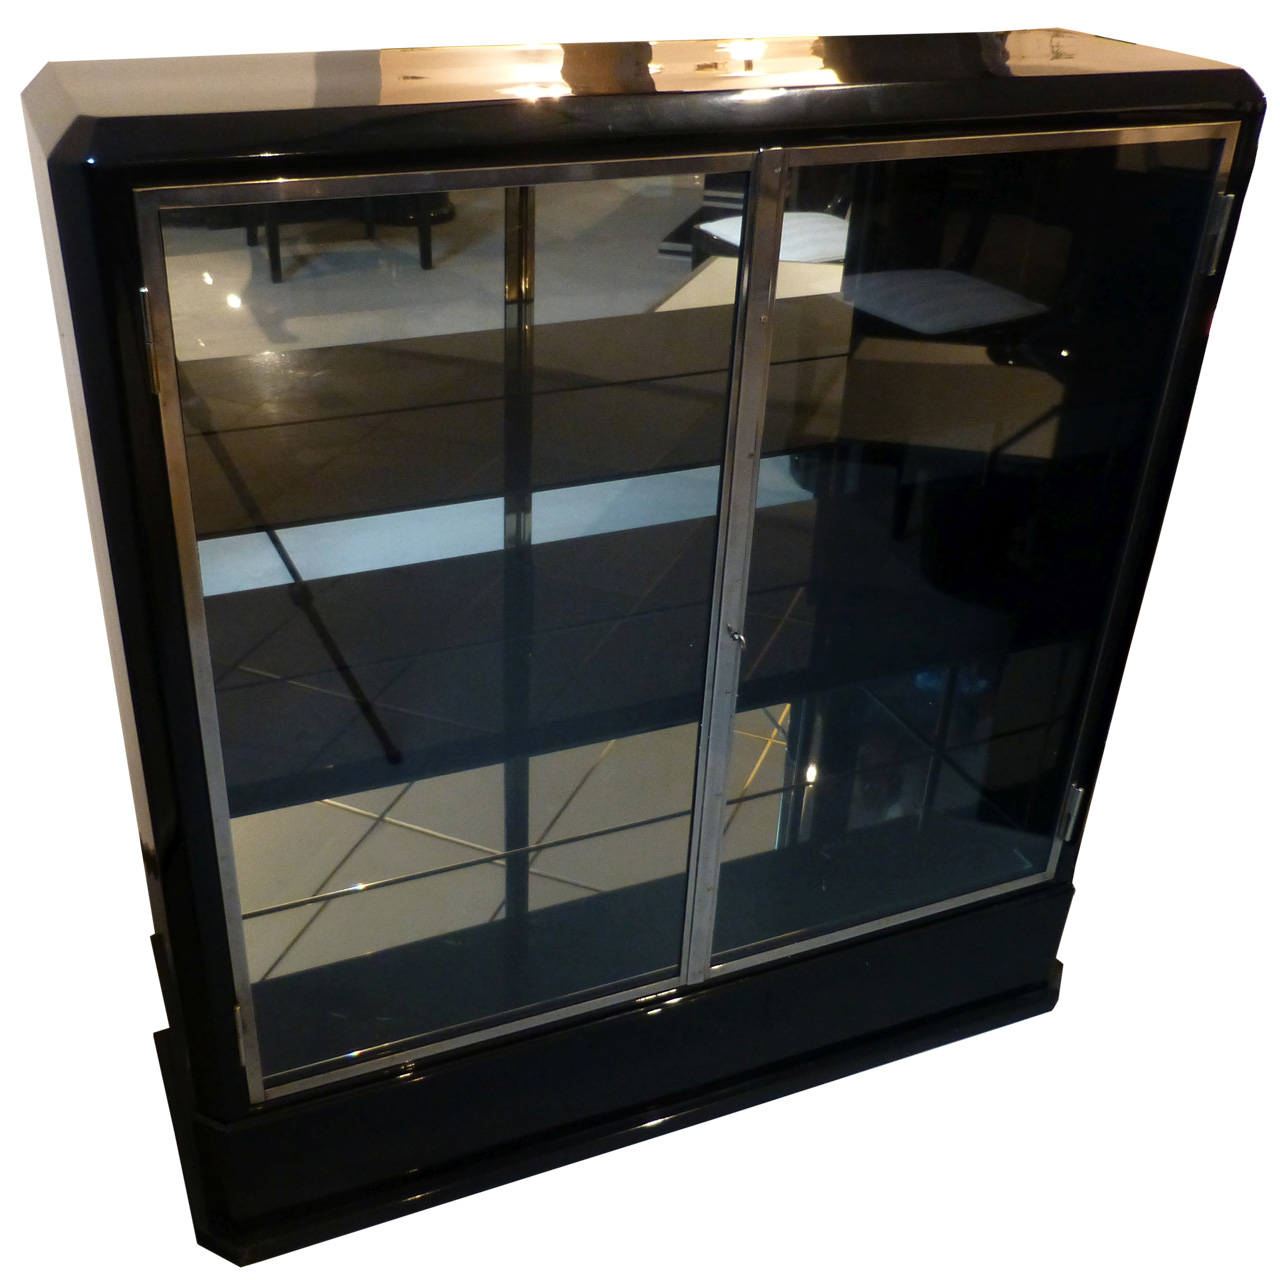 3330 Art Deco Vitrine aus Frankreich, Original, vollständig restauriert, innen und außen schwarz hochglanz lackiert und poliert.